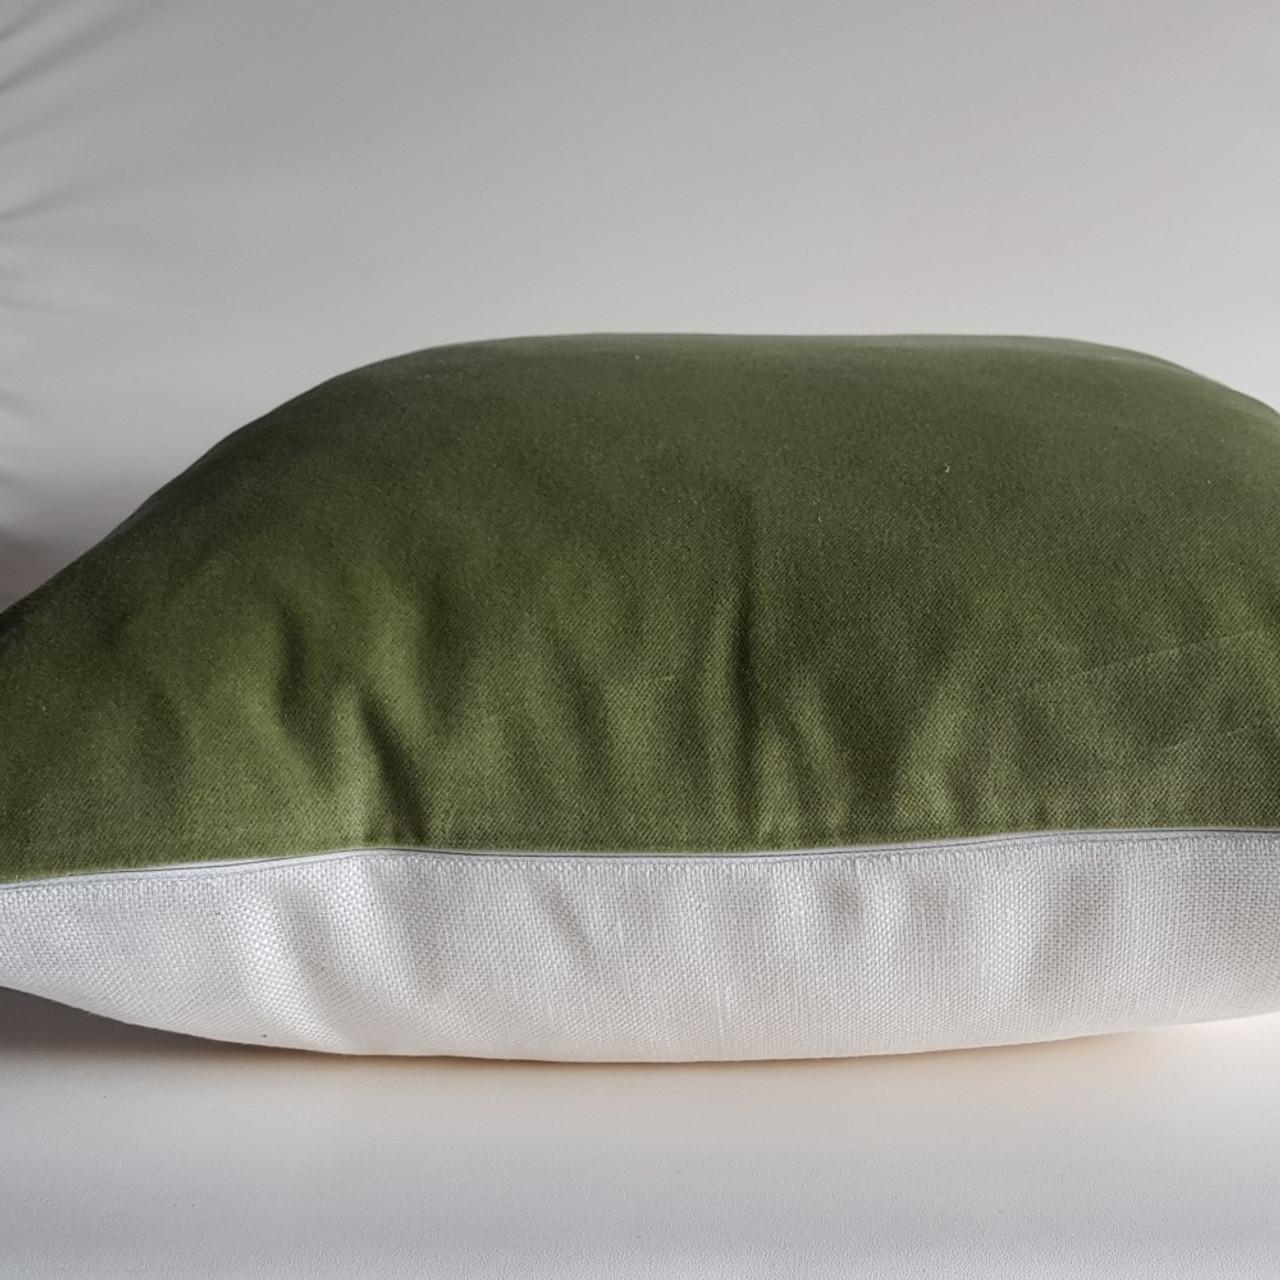 Velvet And Linen Cushion Cover Olive Green Ivory 47x47 Cm